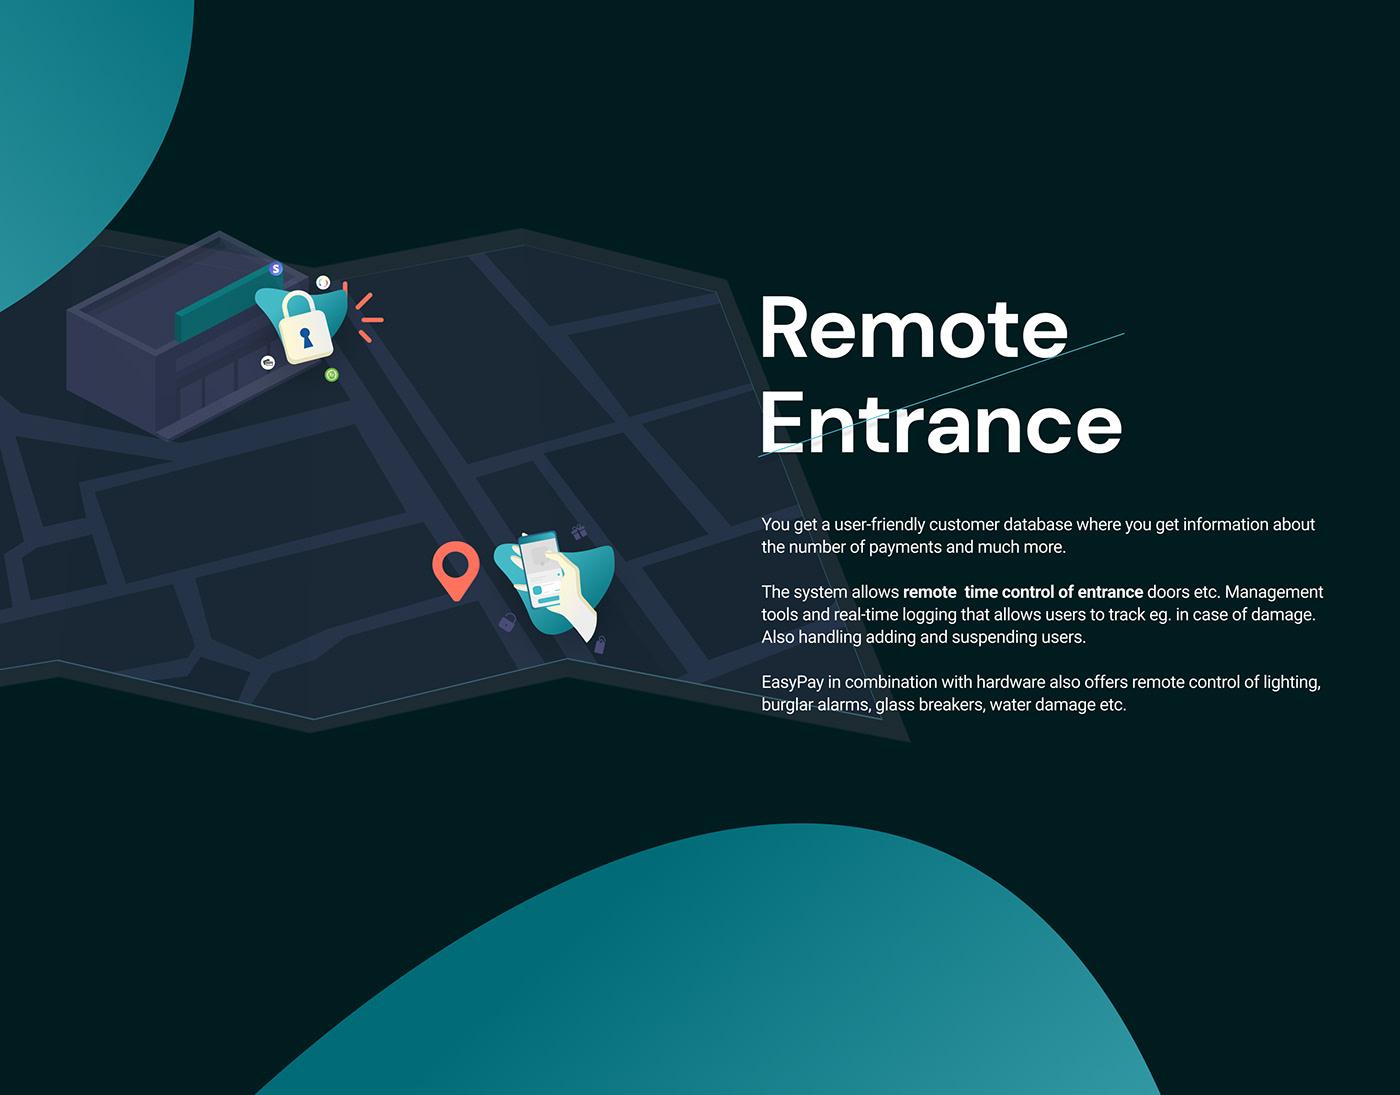 Remote Entrance